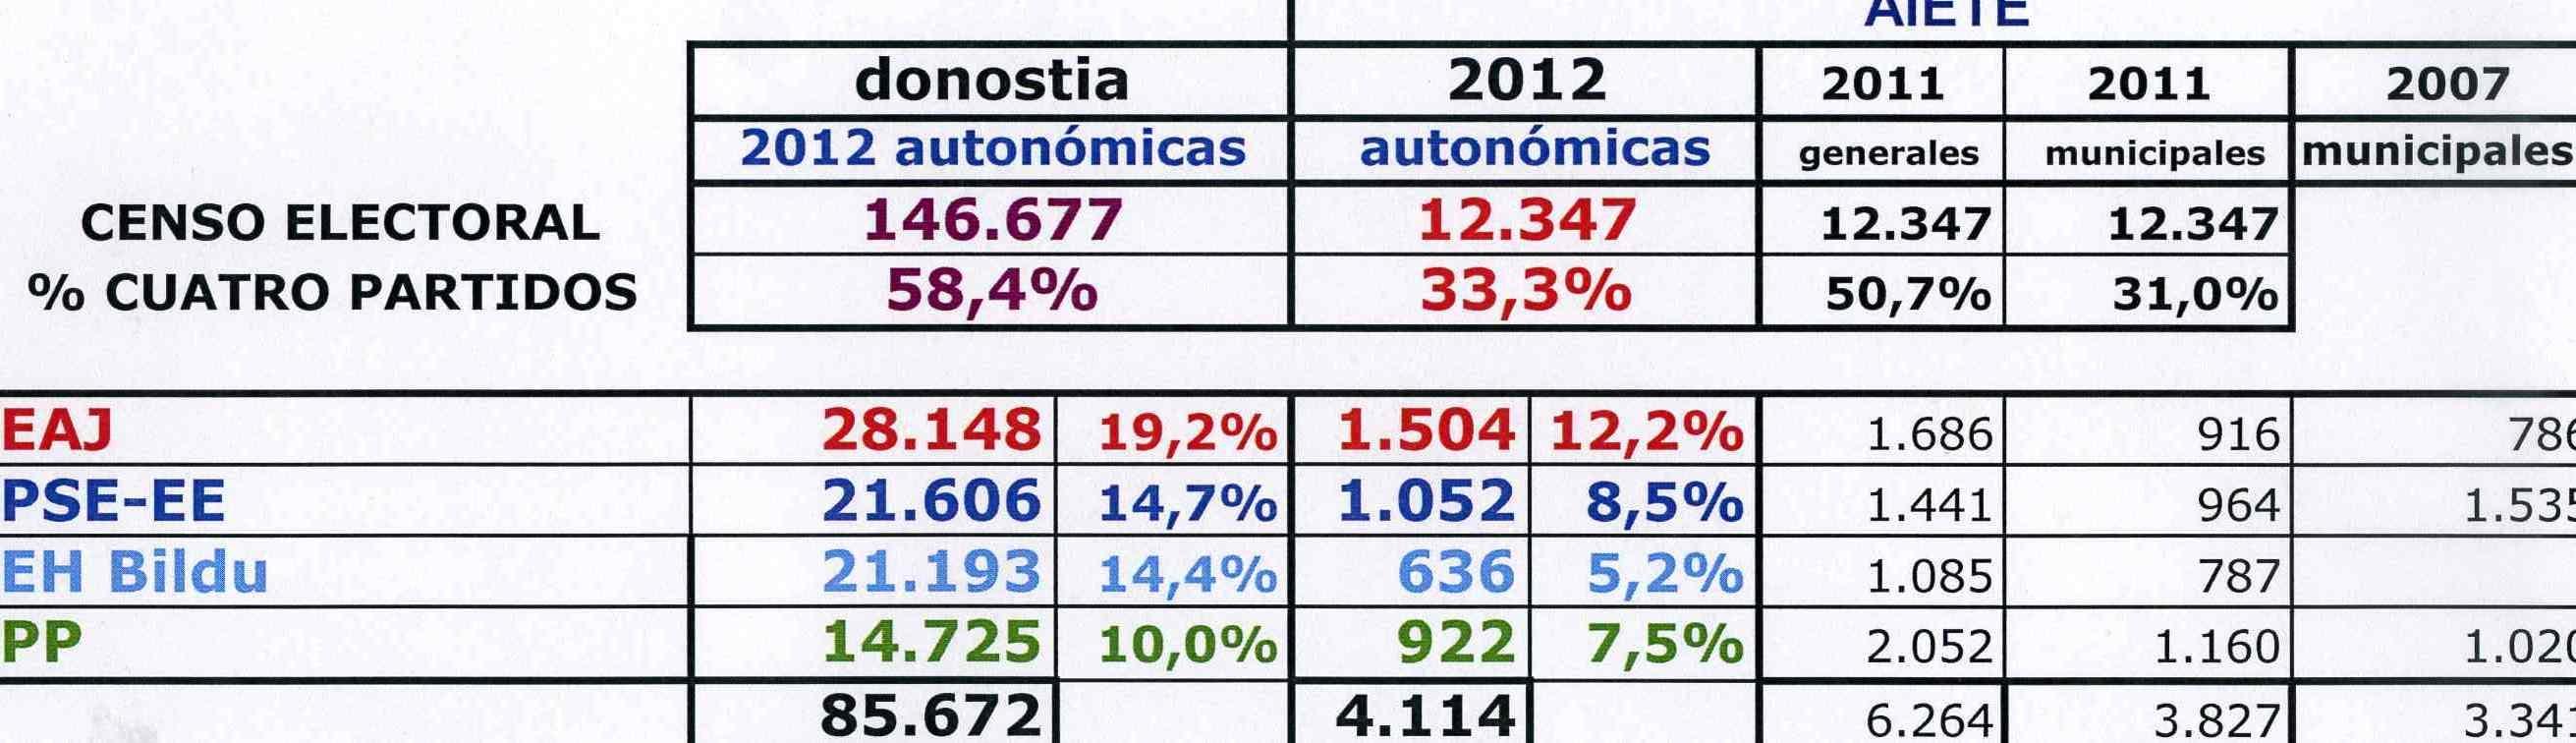 Promesas incumplidas resultados electorales aiete for Resultados electorales mir